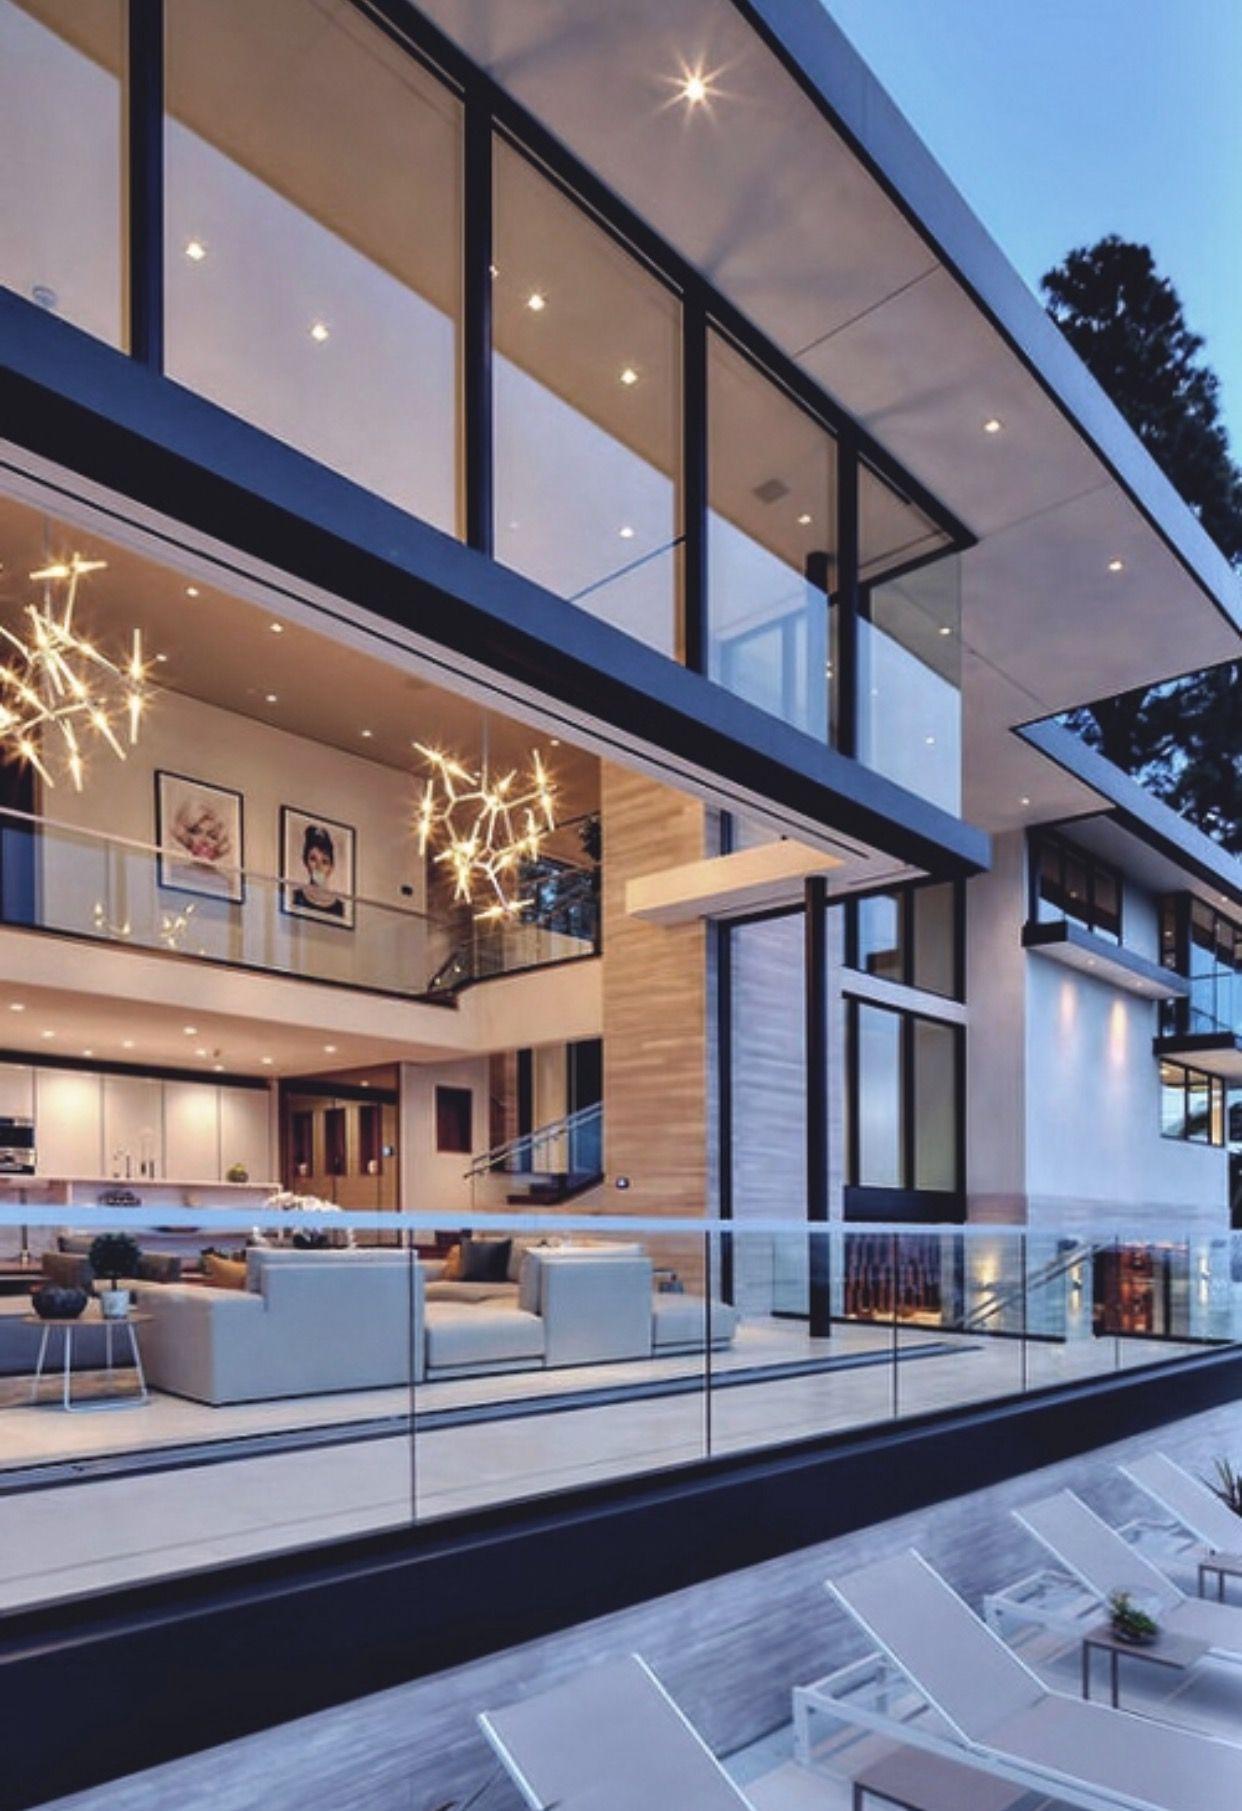 Innenarchitektur modernes wohnen  Pin von Nat Iurky auf Espaços decorados | Pinterest